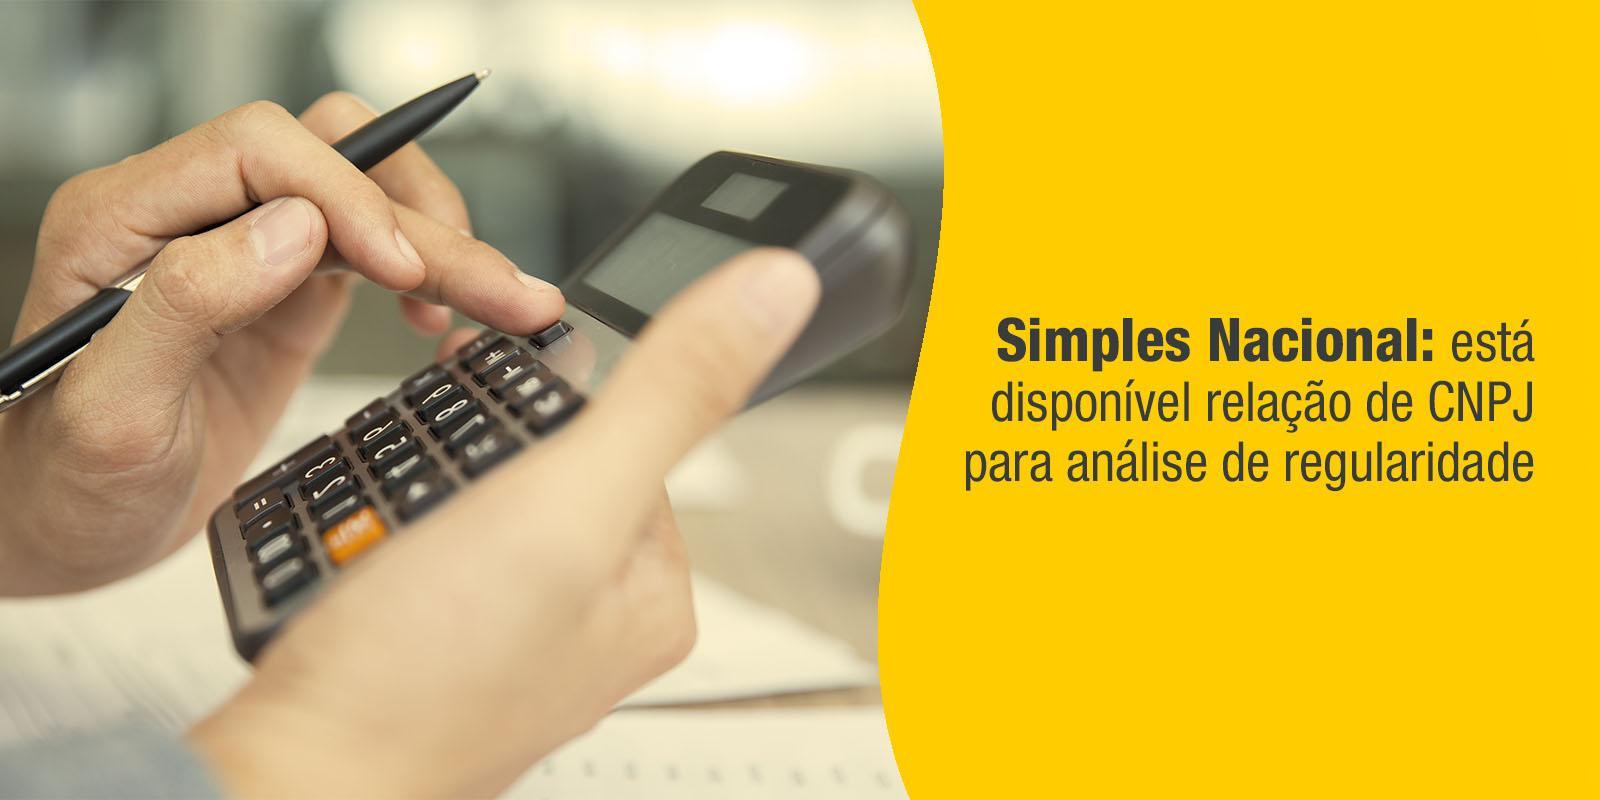 Simples Nacional: está disponível relação de CNPJ para análise de regularidade